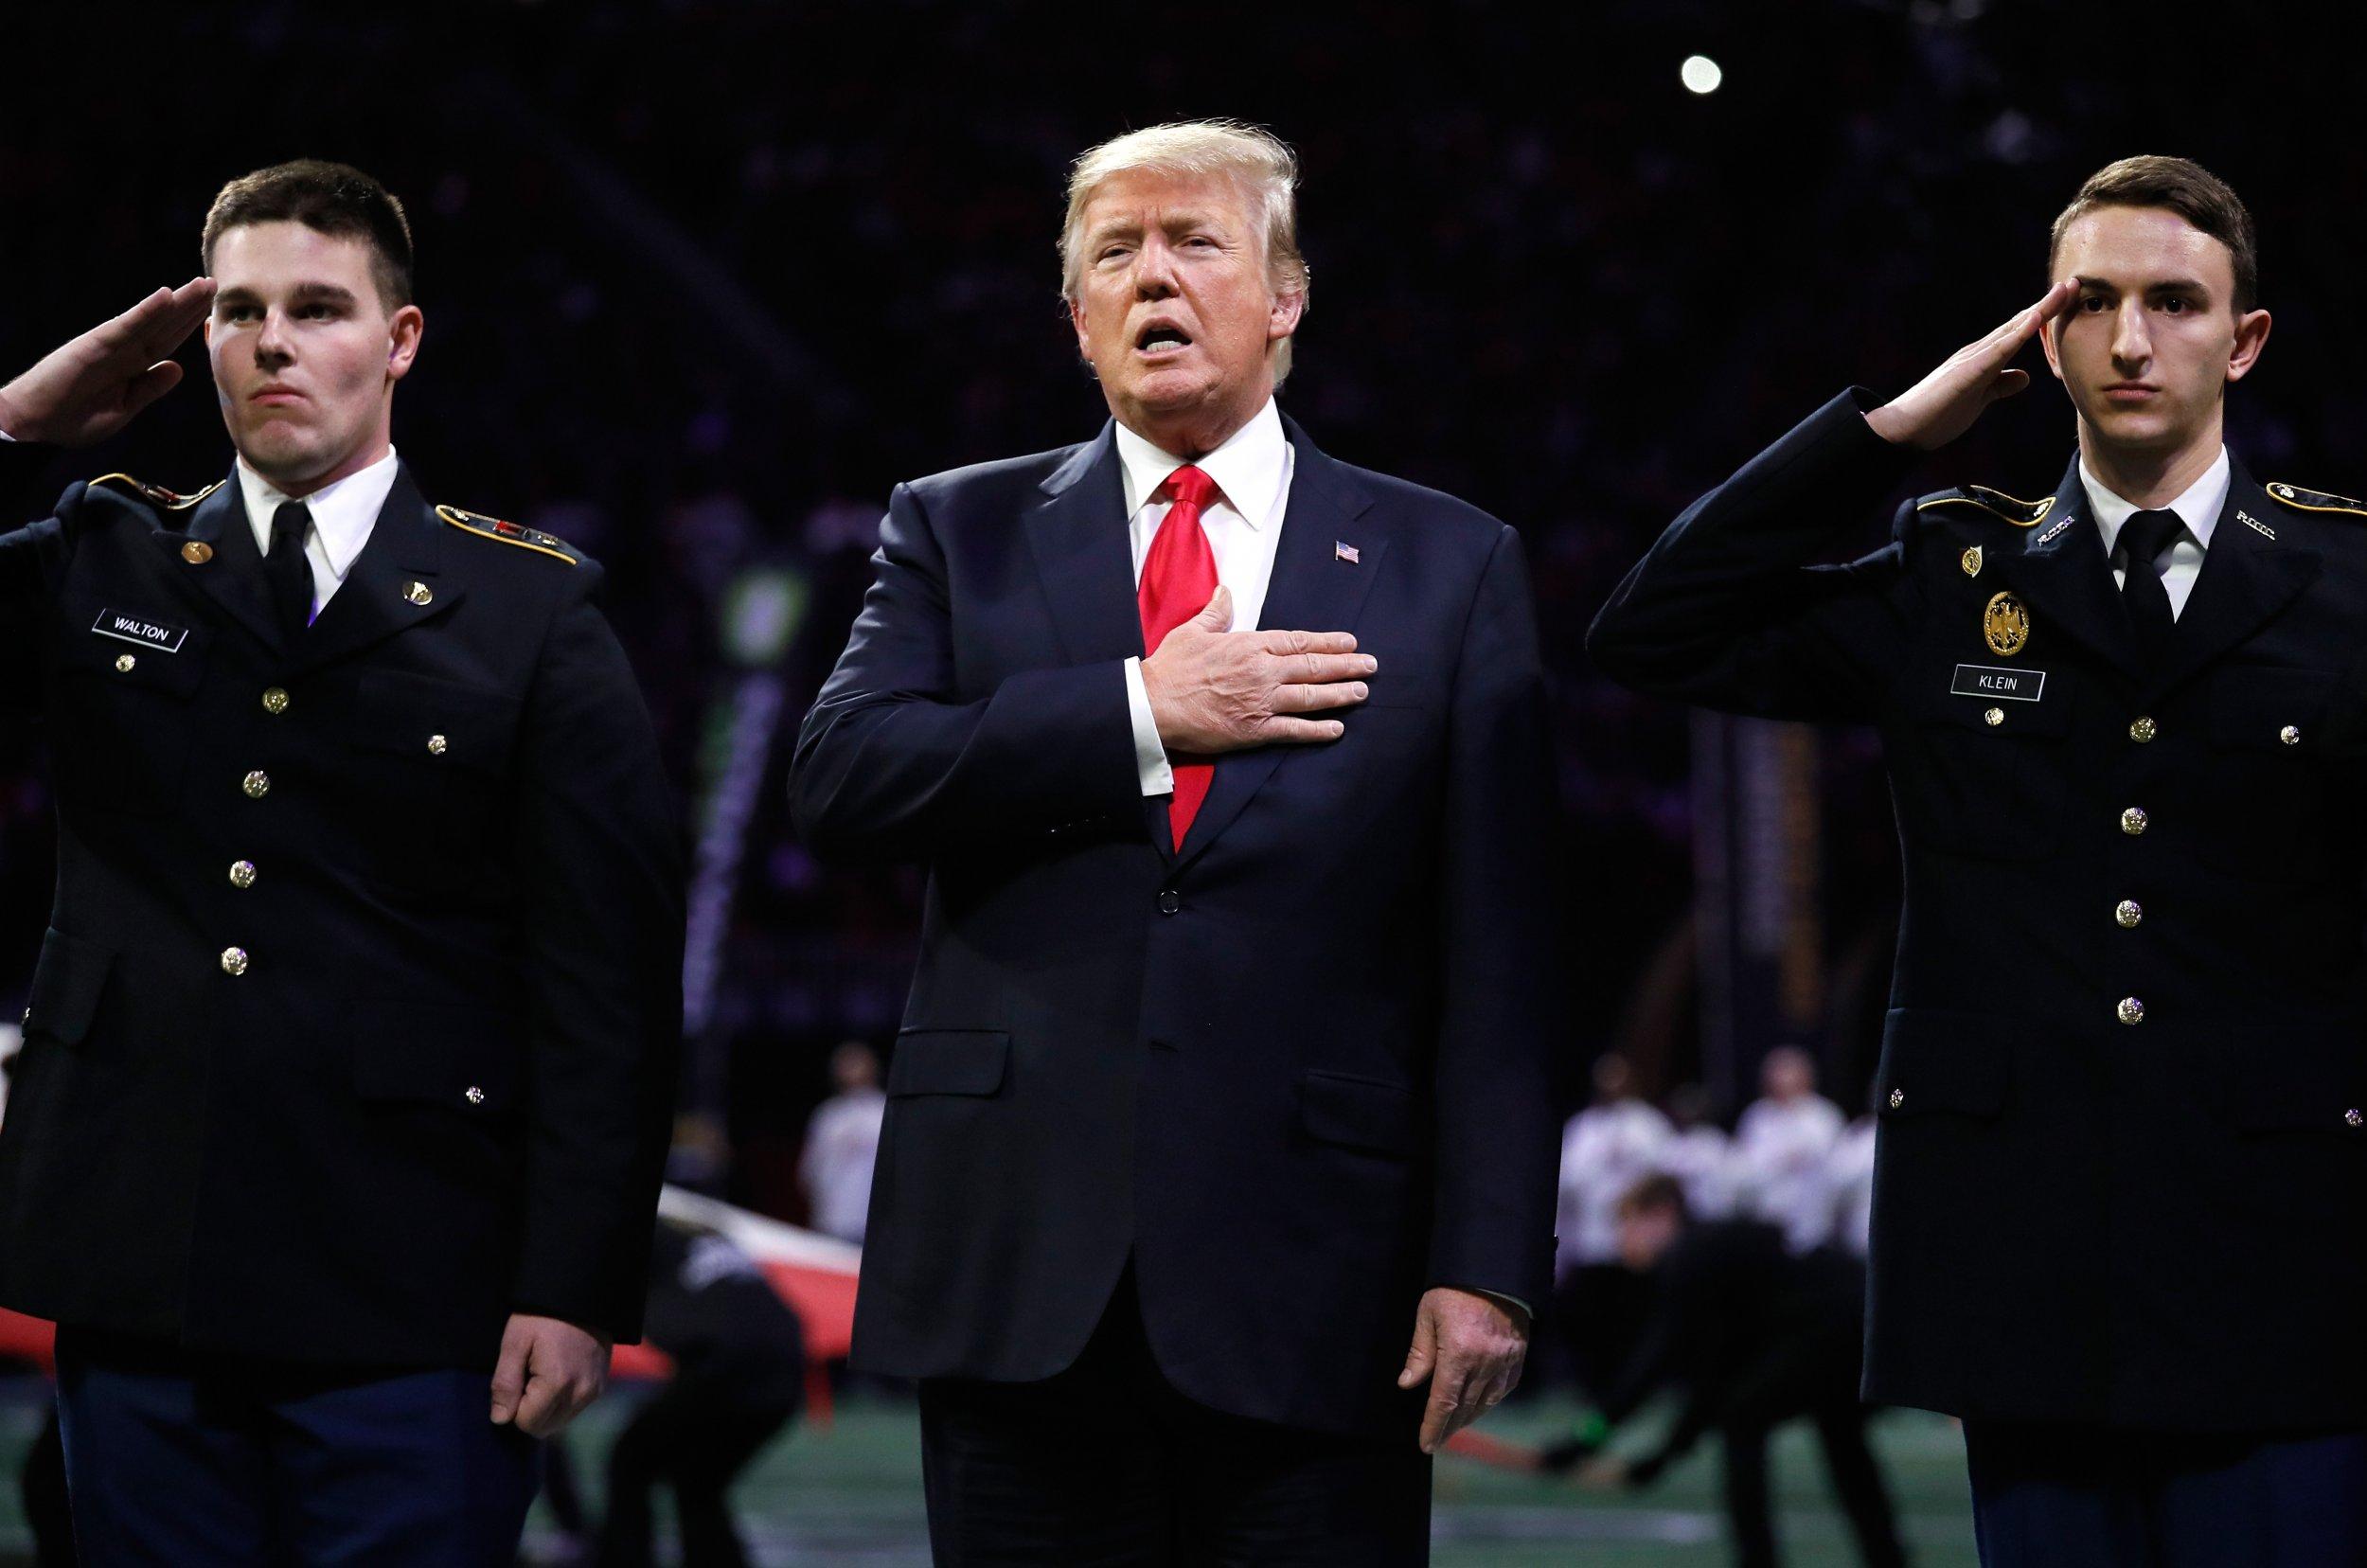 Donald Trump national anthem protests, gun control